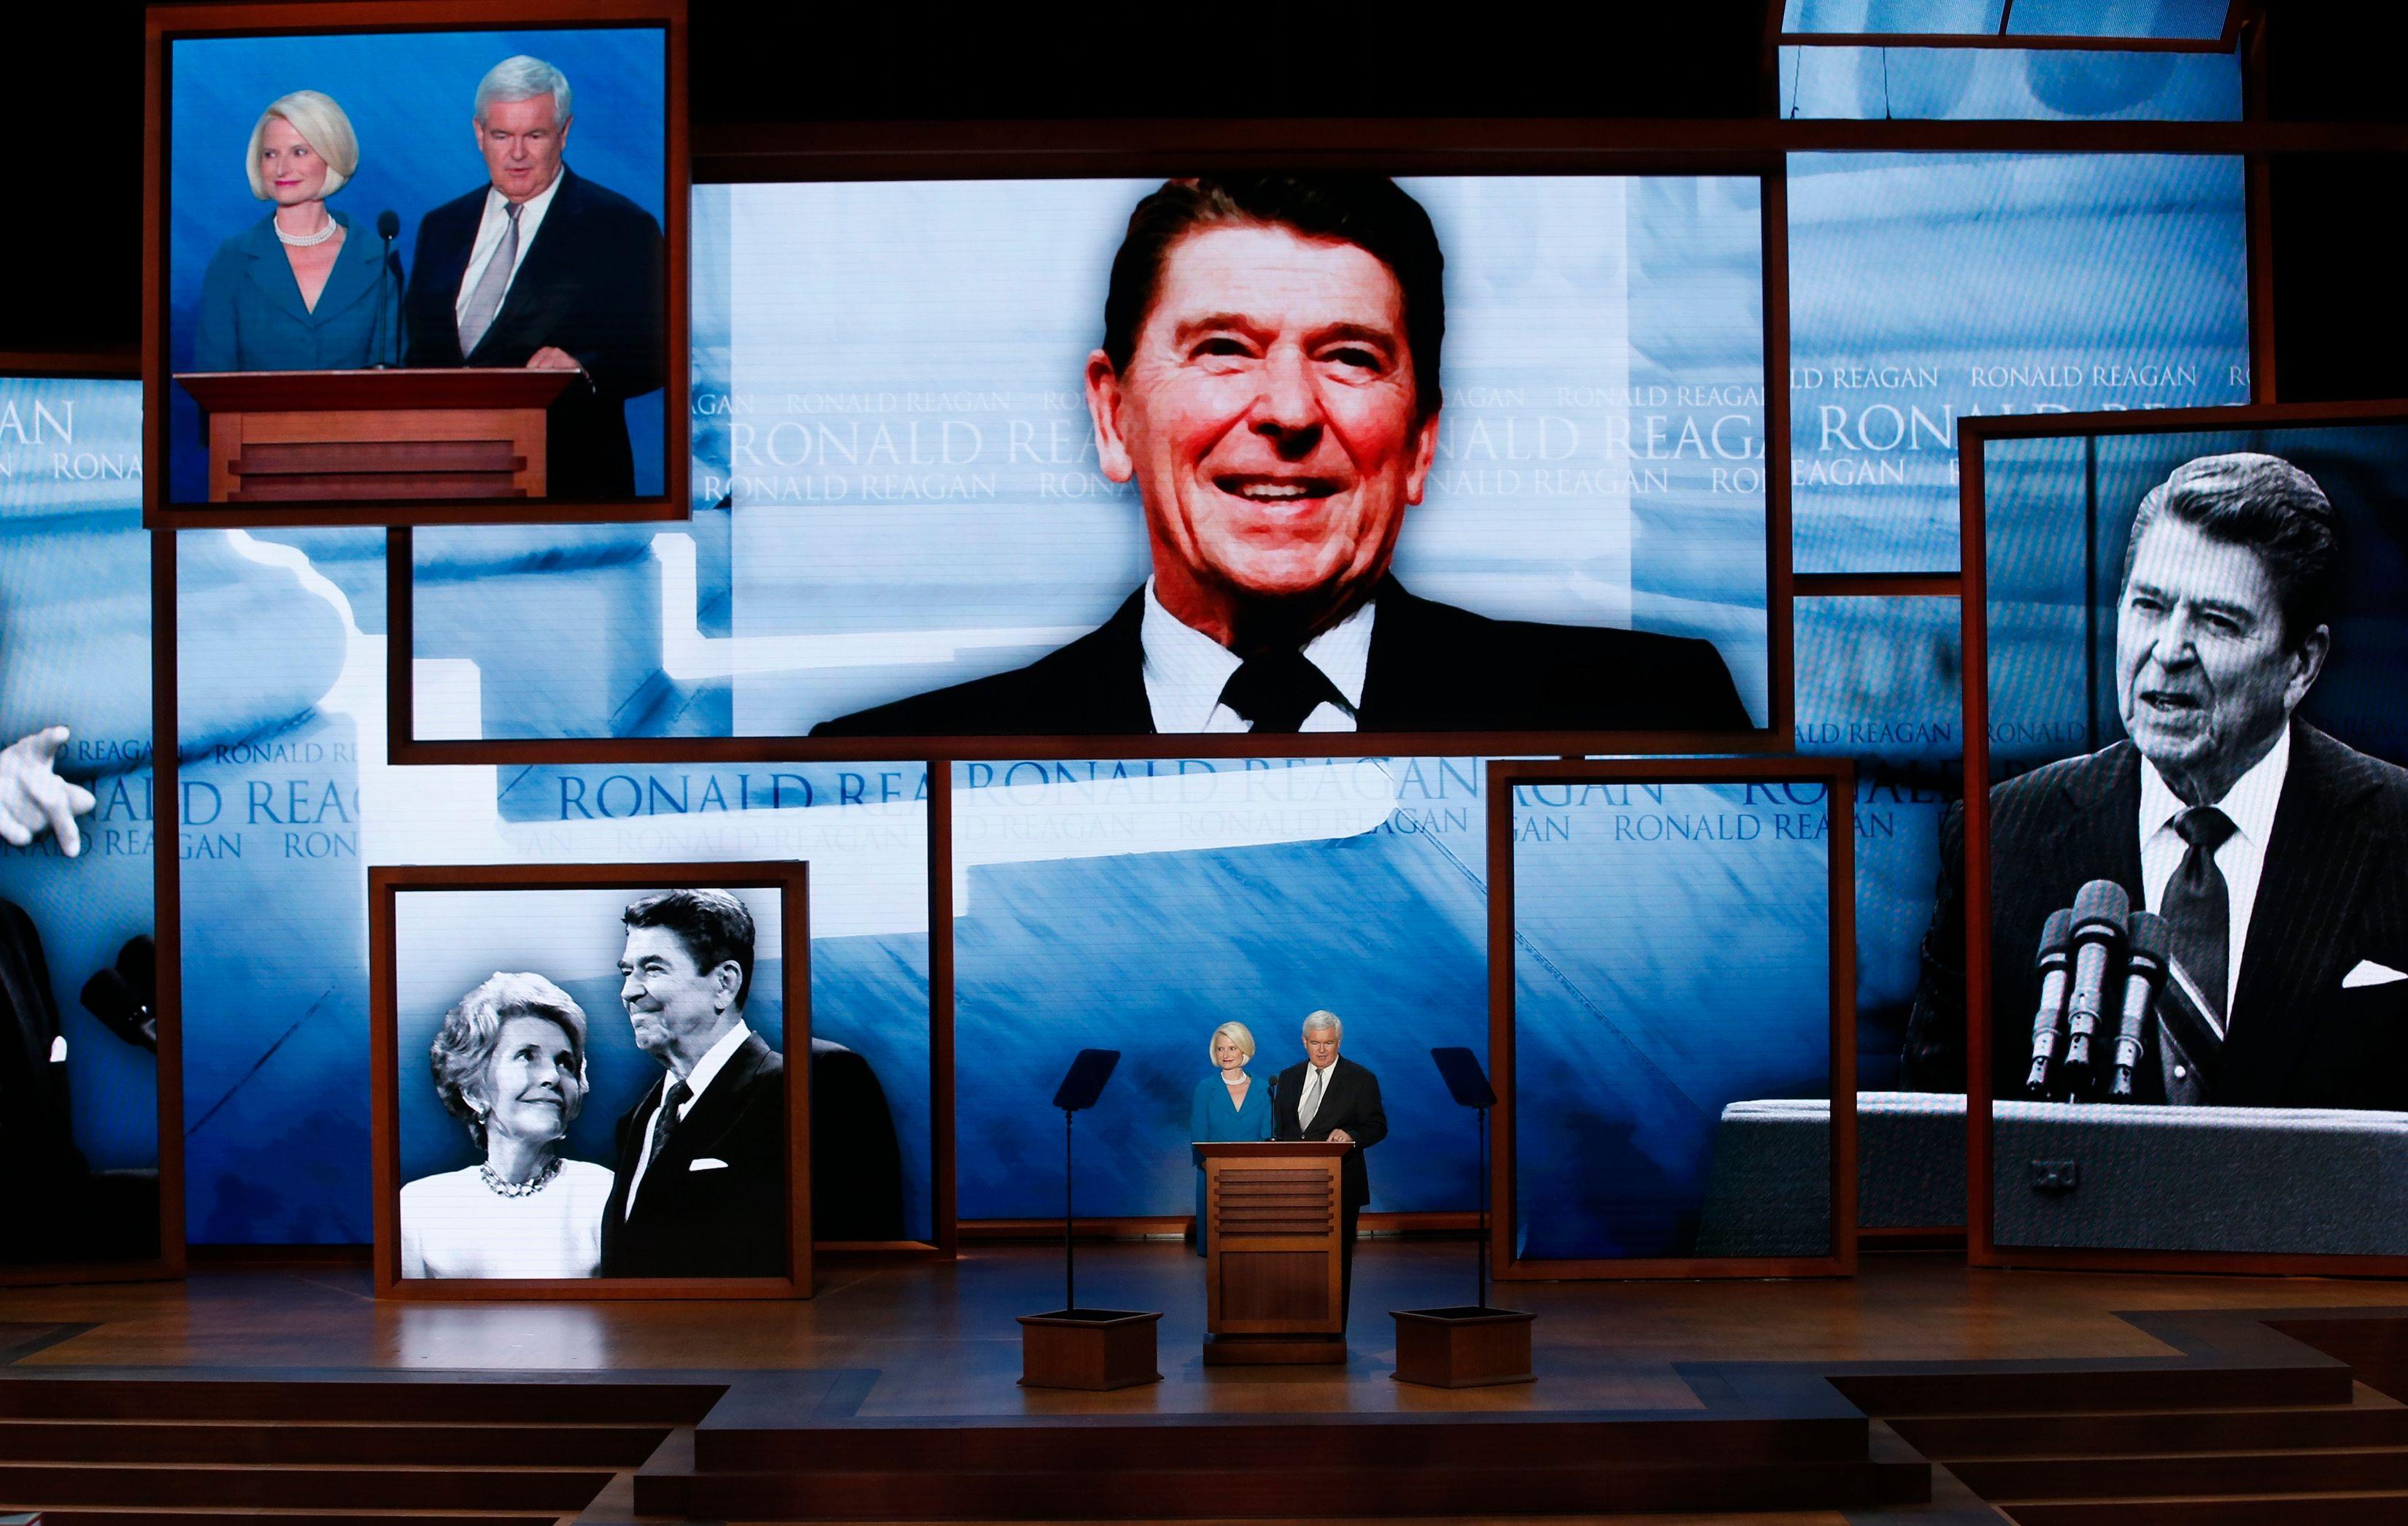 La grande crise de 2008 trouve-t-elle une part de ses racines dans l'expansion économique massive initiée par le président Reagan ?